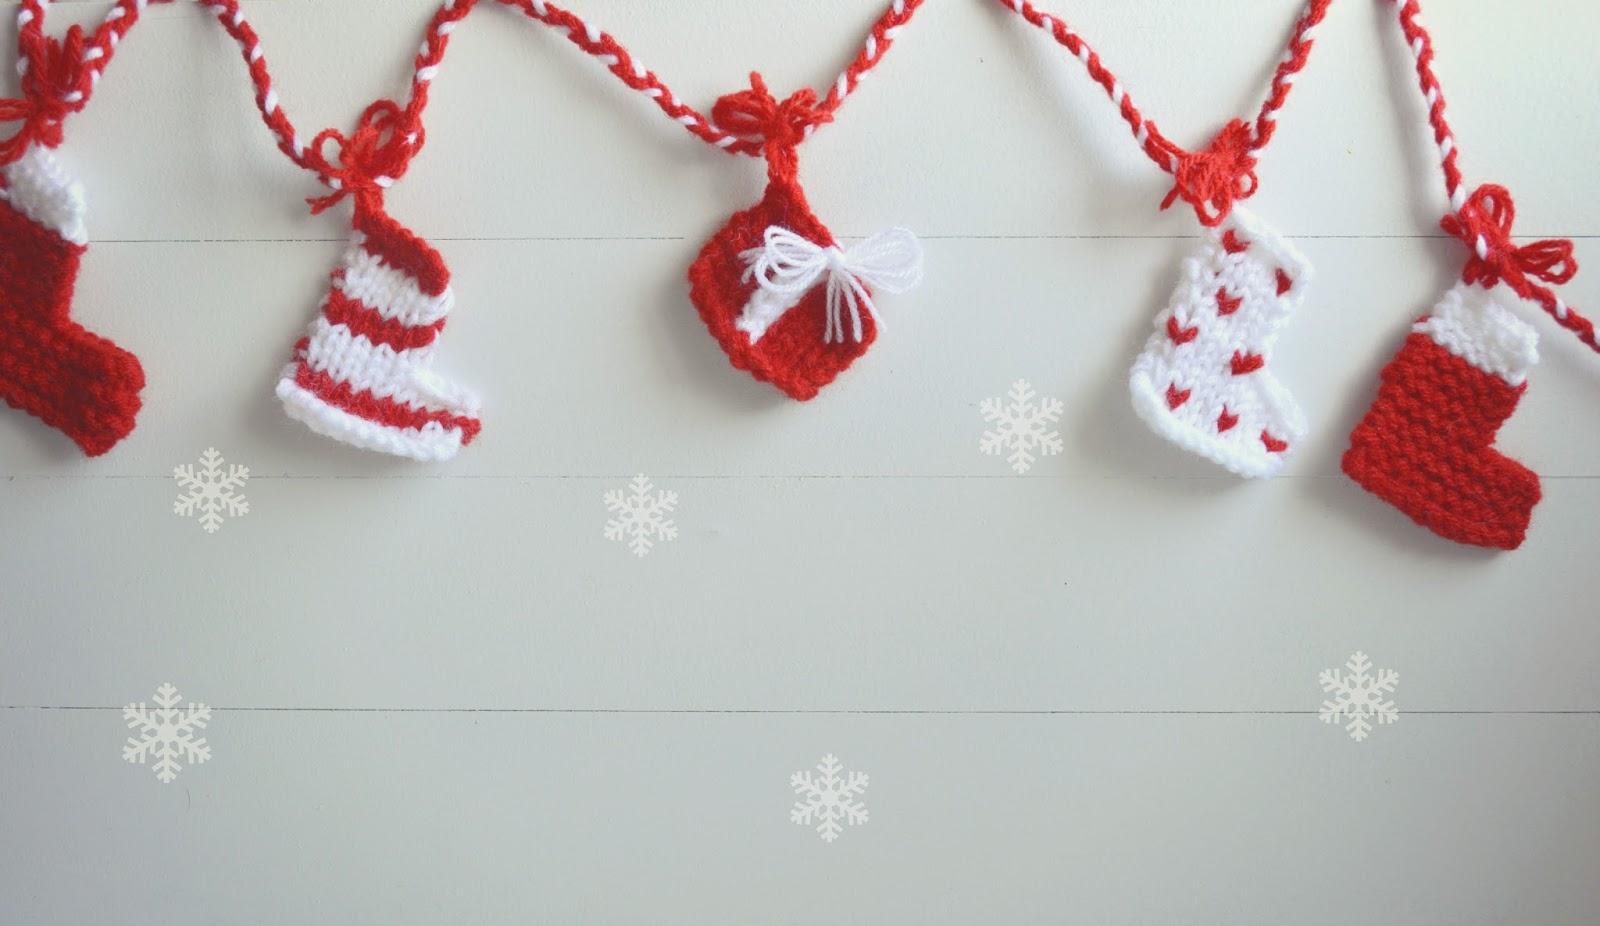 Aguja lanera: Tejer una guirnalda navideña